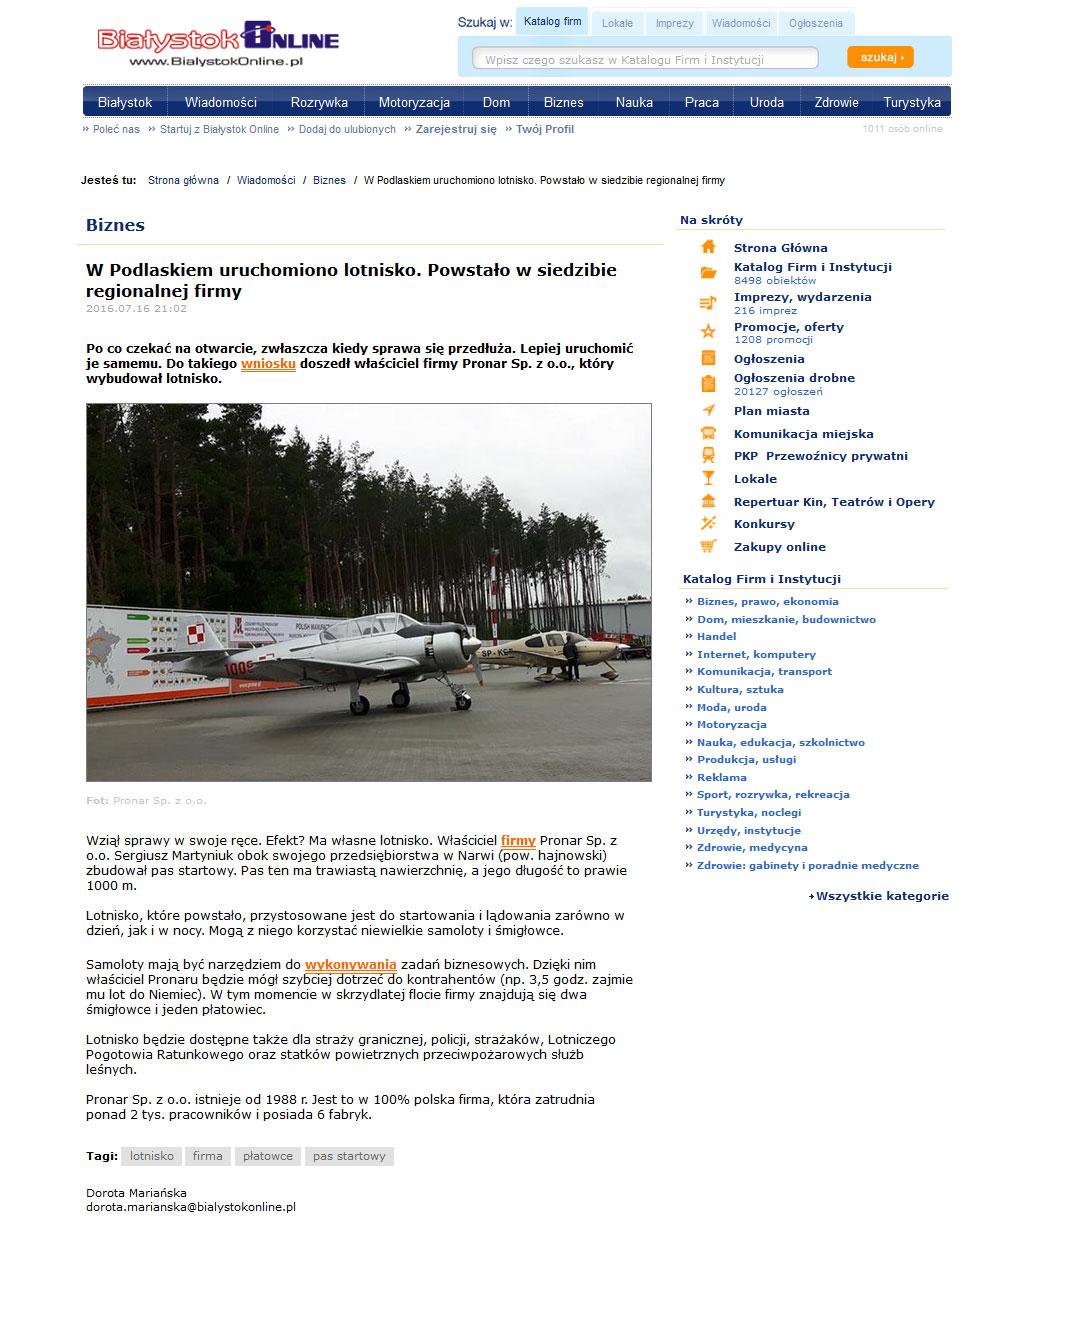 Białystok online Lądowisko Pronar